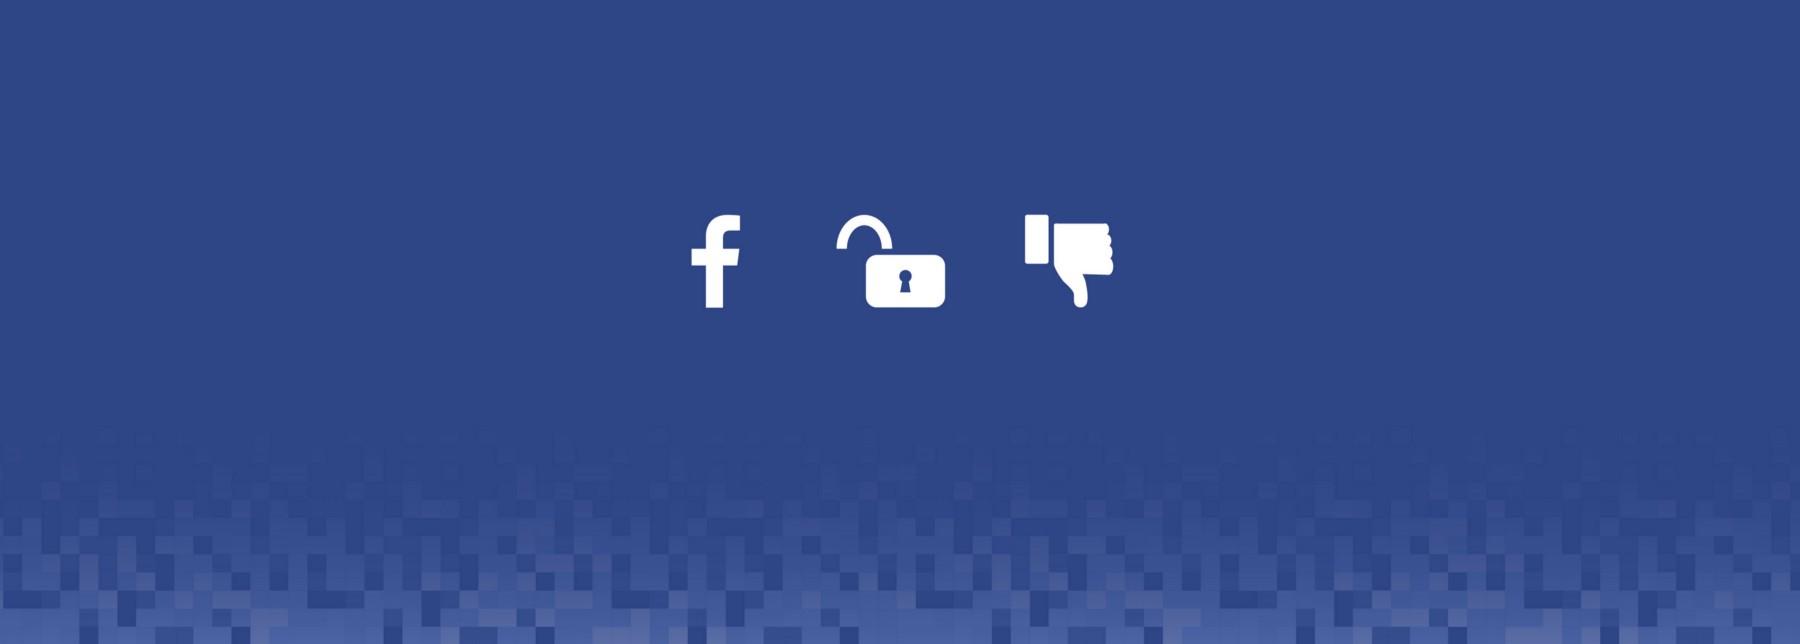 Reach-ul de pe Facebook este sub nivelul mării